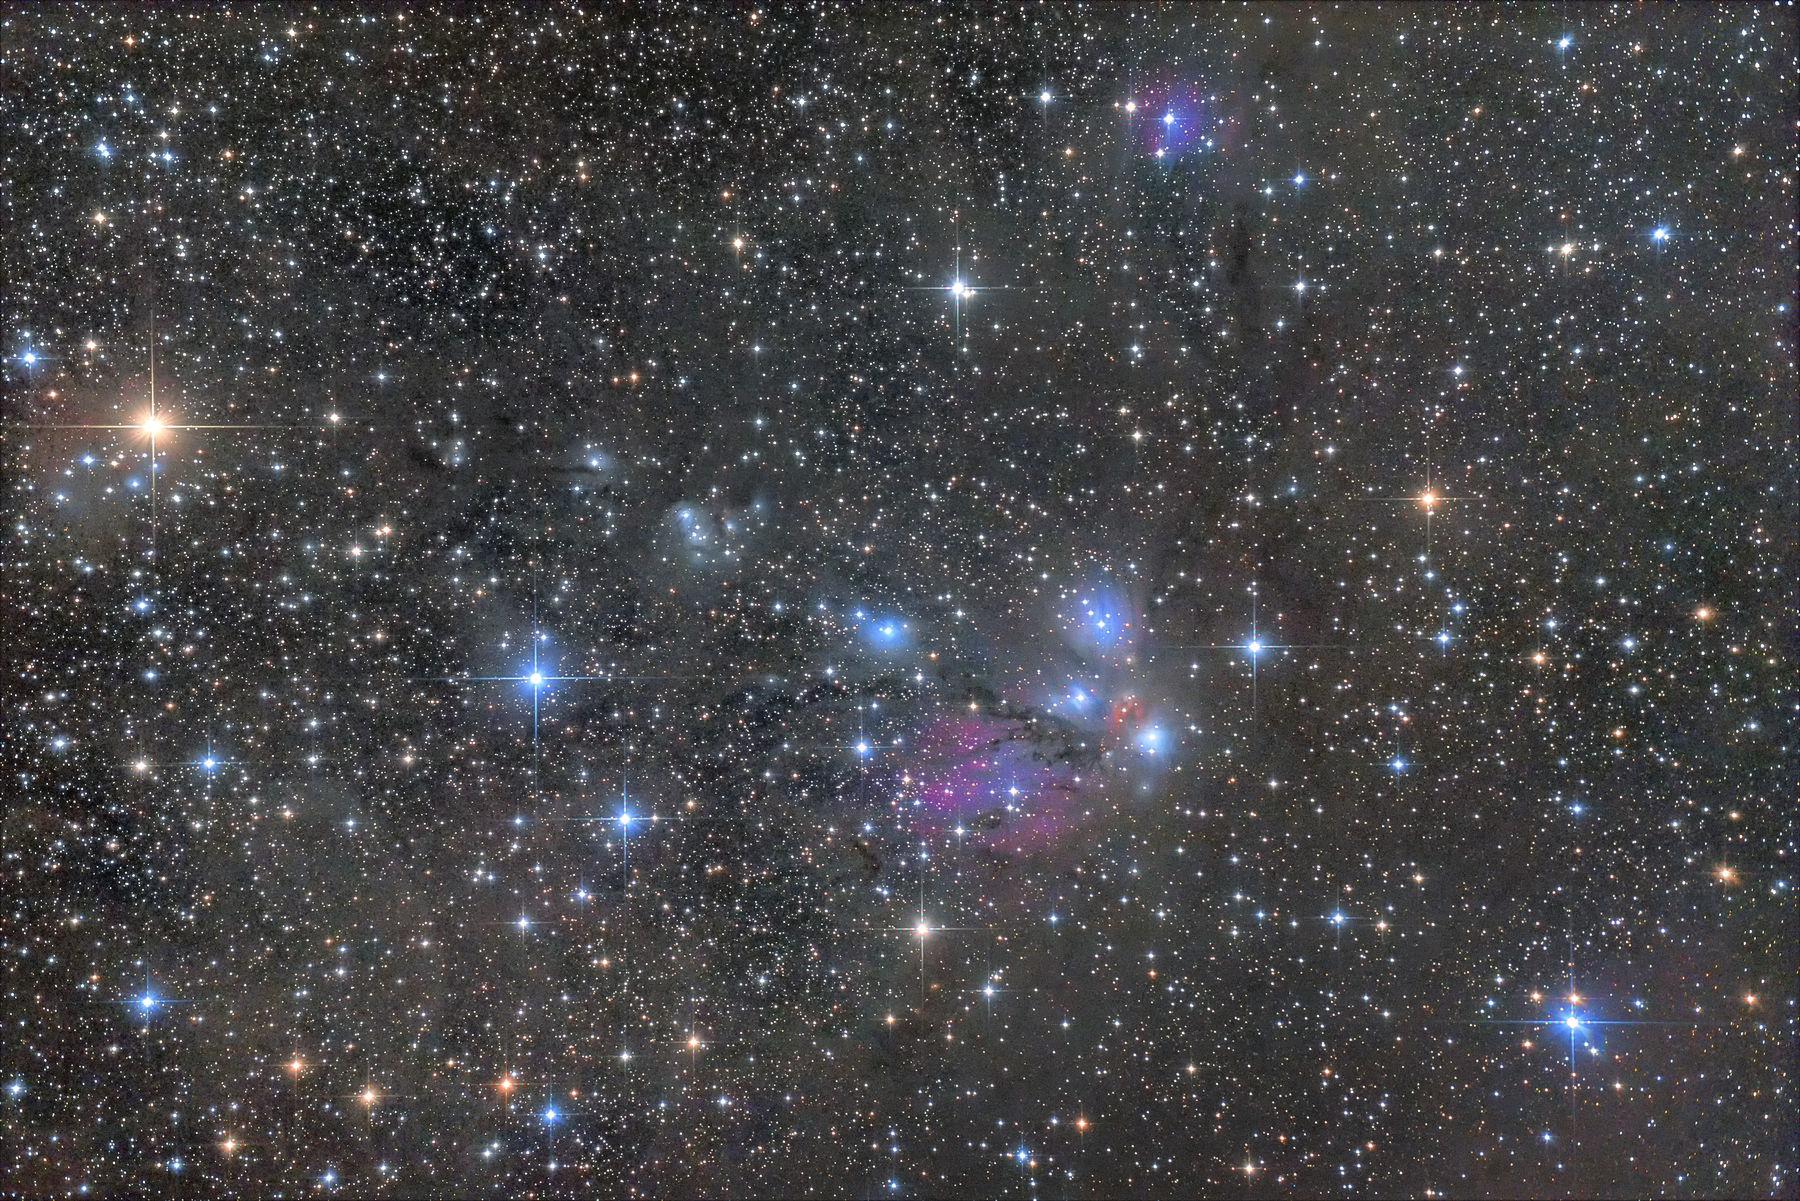 【星雲】いっかくじゅう座 NGC2170付近